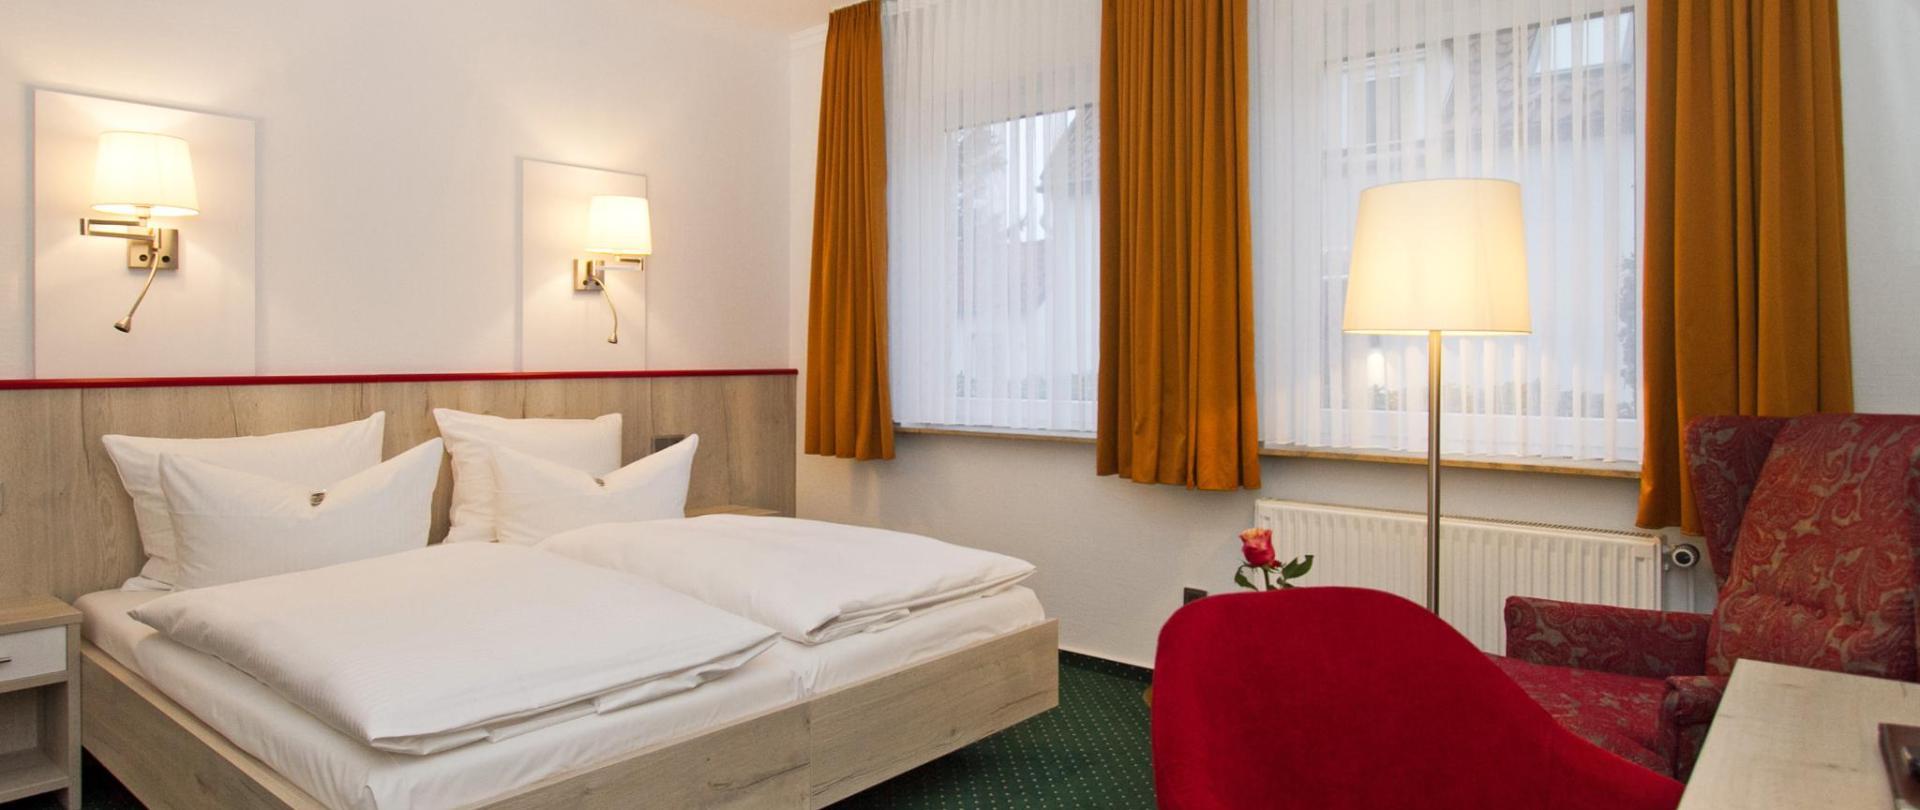 hotelschaper006 copy.jpg